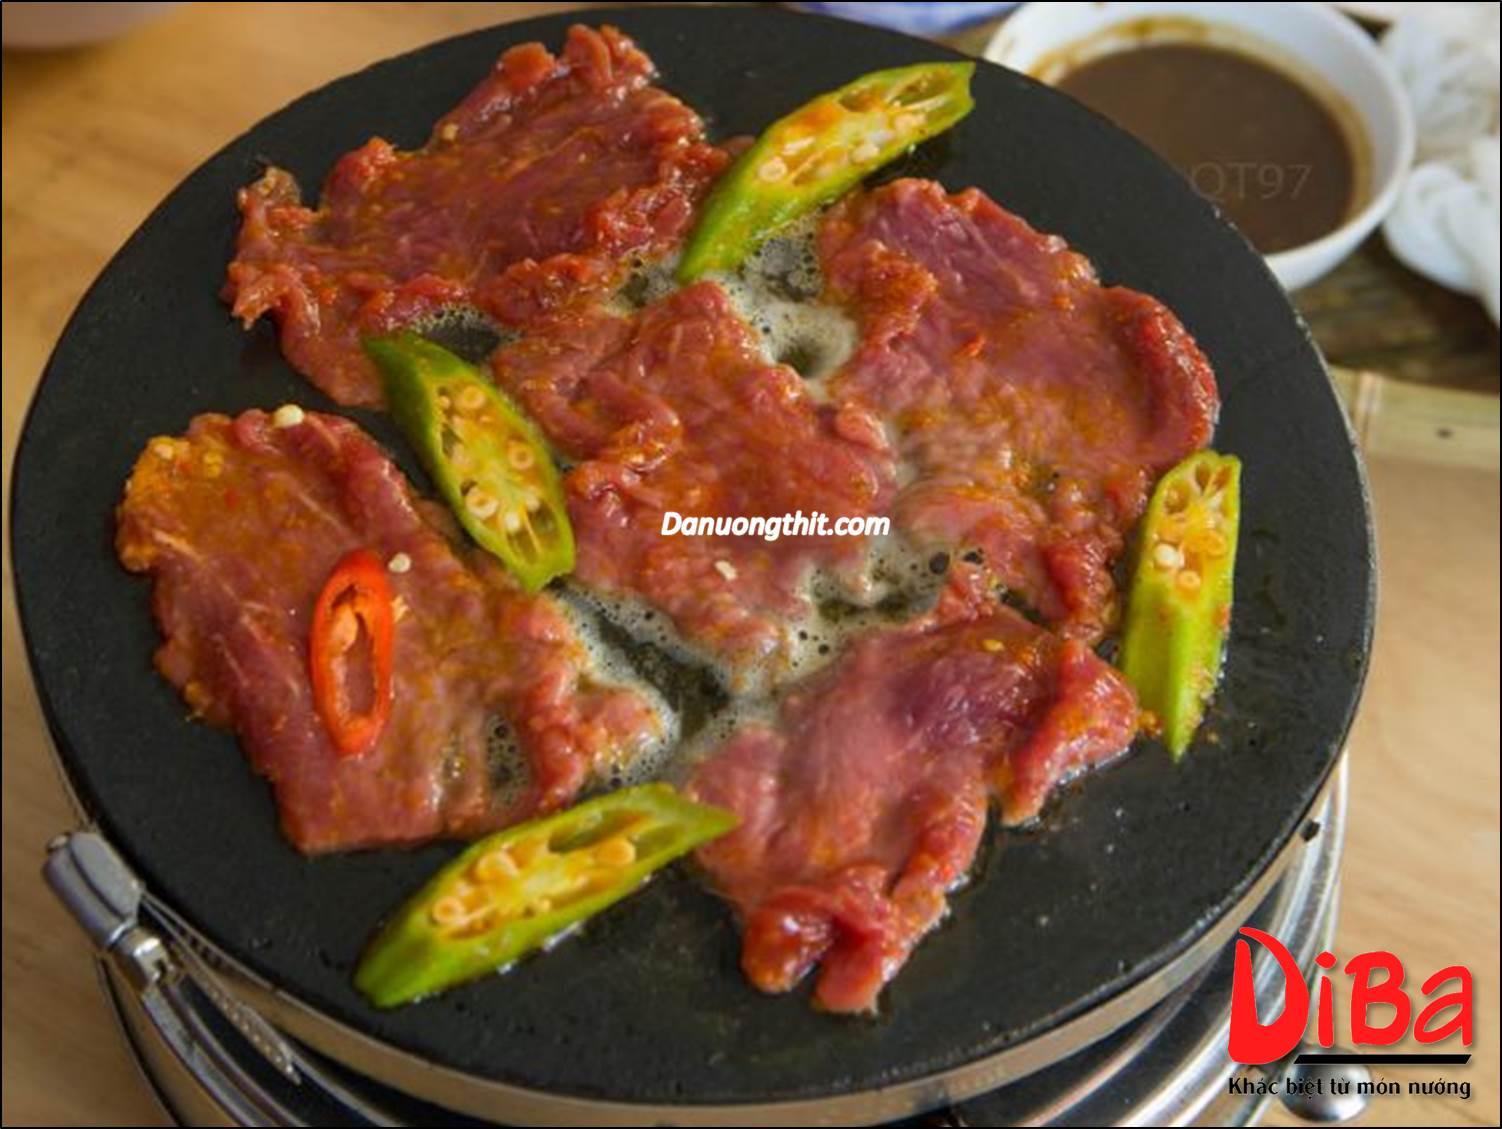 Đá Nướng Thịt - Xu Hướng Ẩm Thực Của Thời Đại